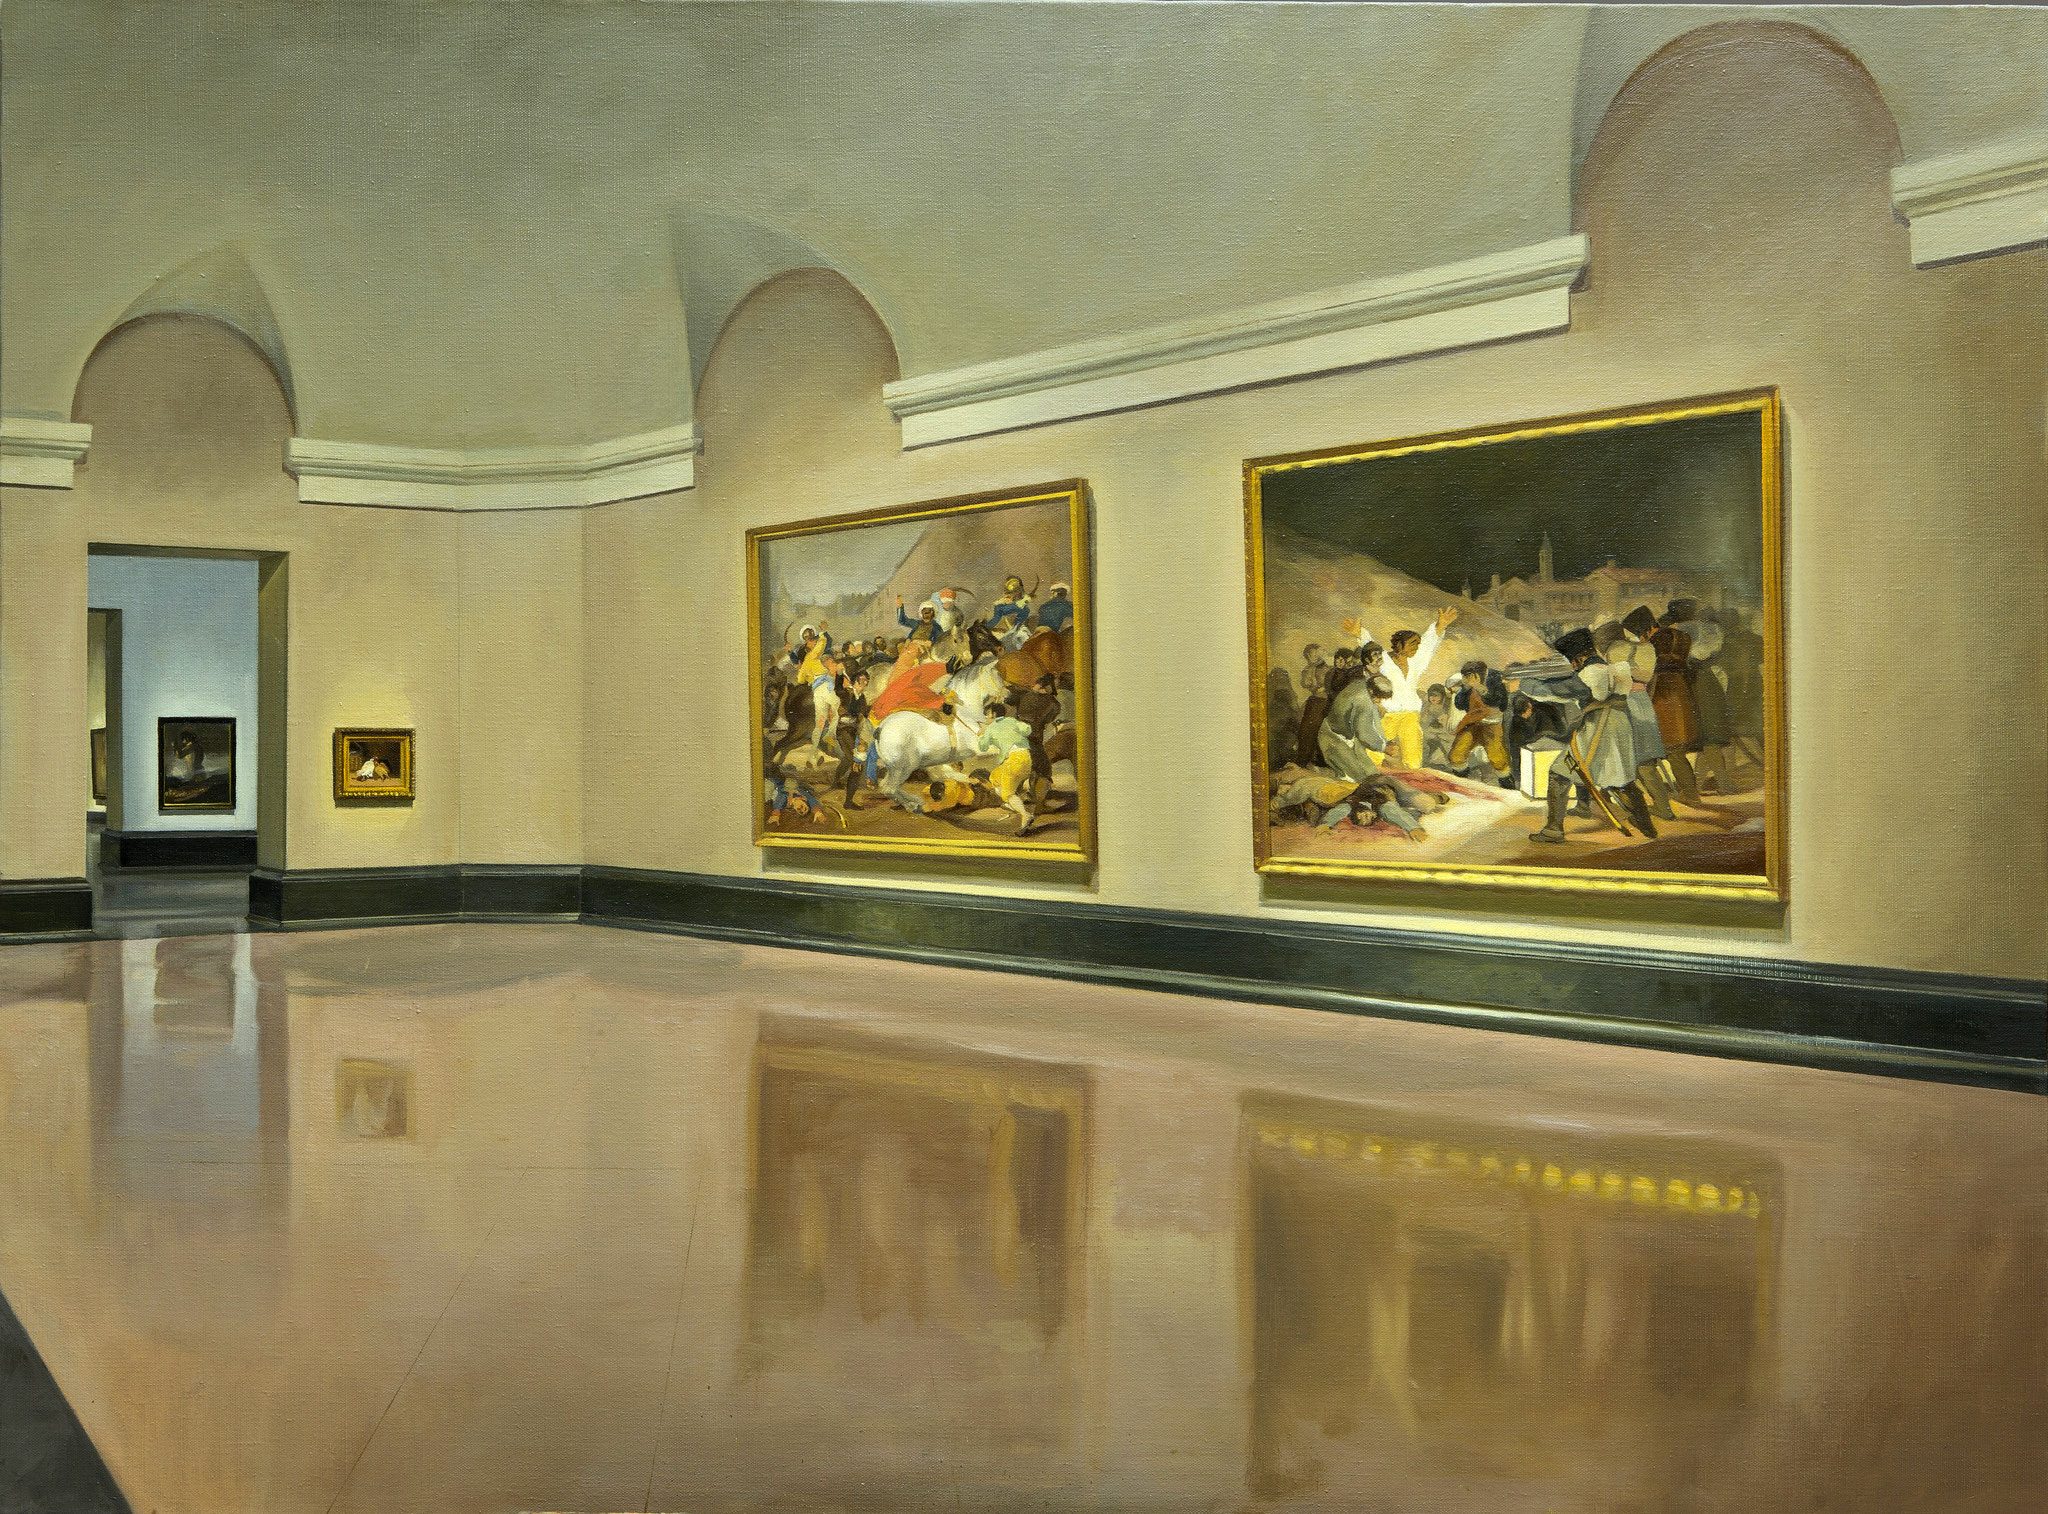 Vista de la sala del 2 de mayo de Goya, en el Museo del Prado. Óleo sobre lienzo, 97 x 130 cm.